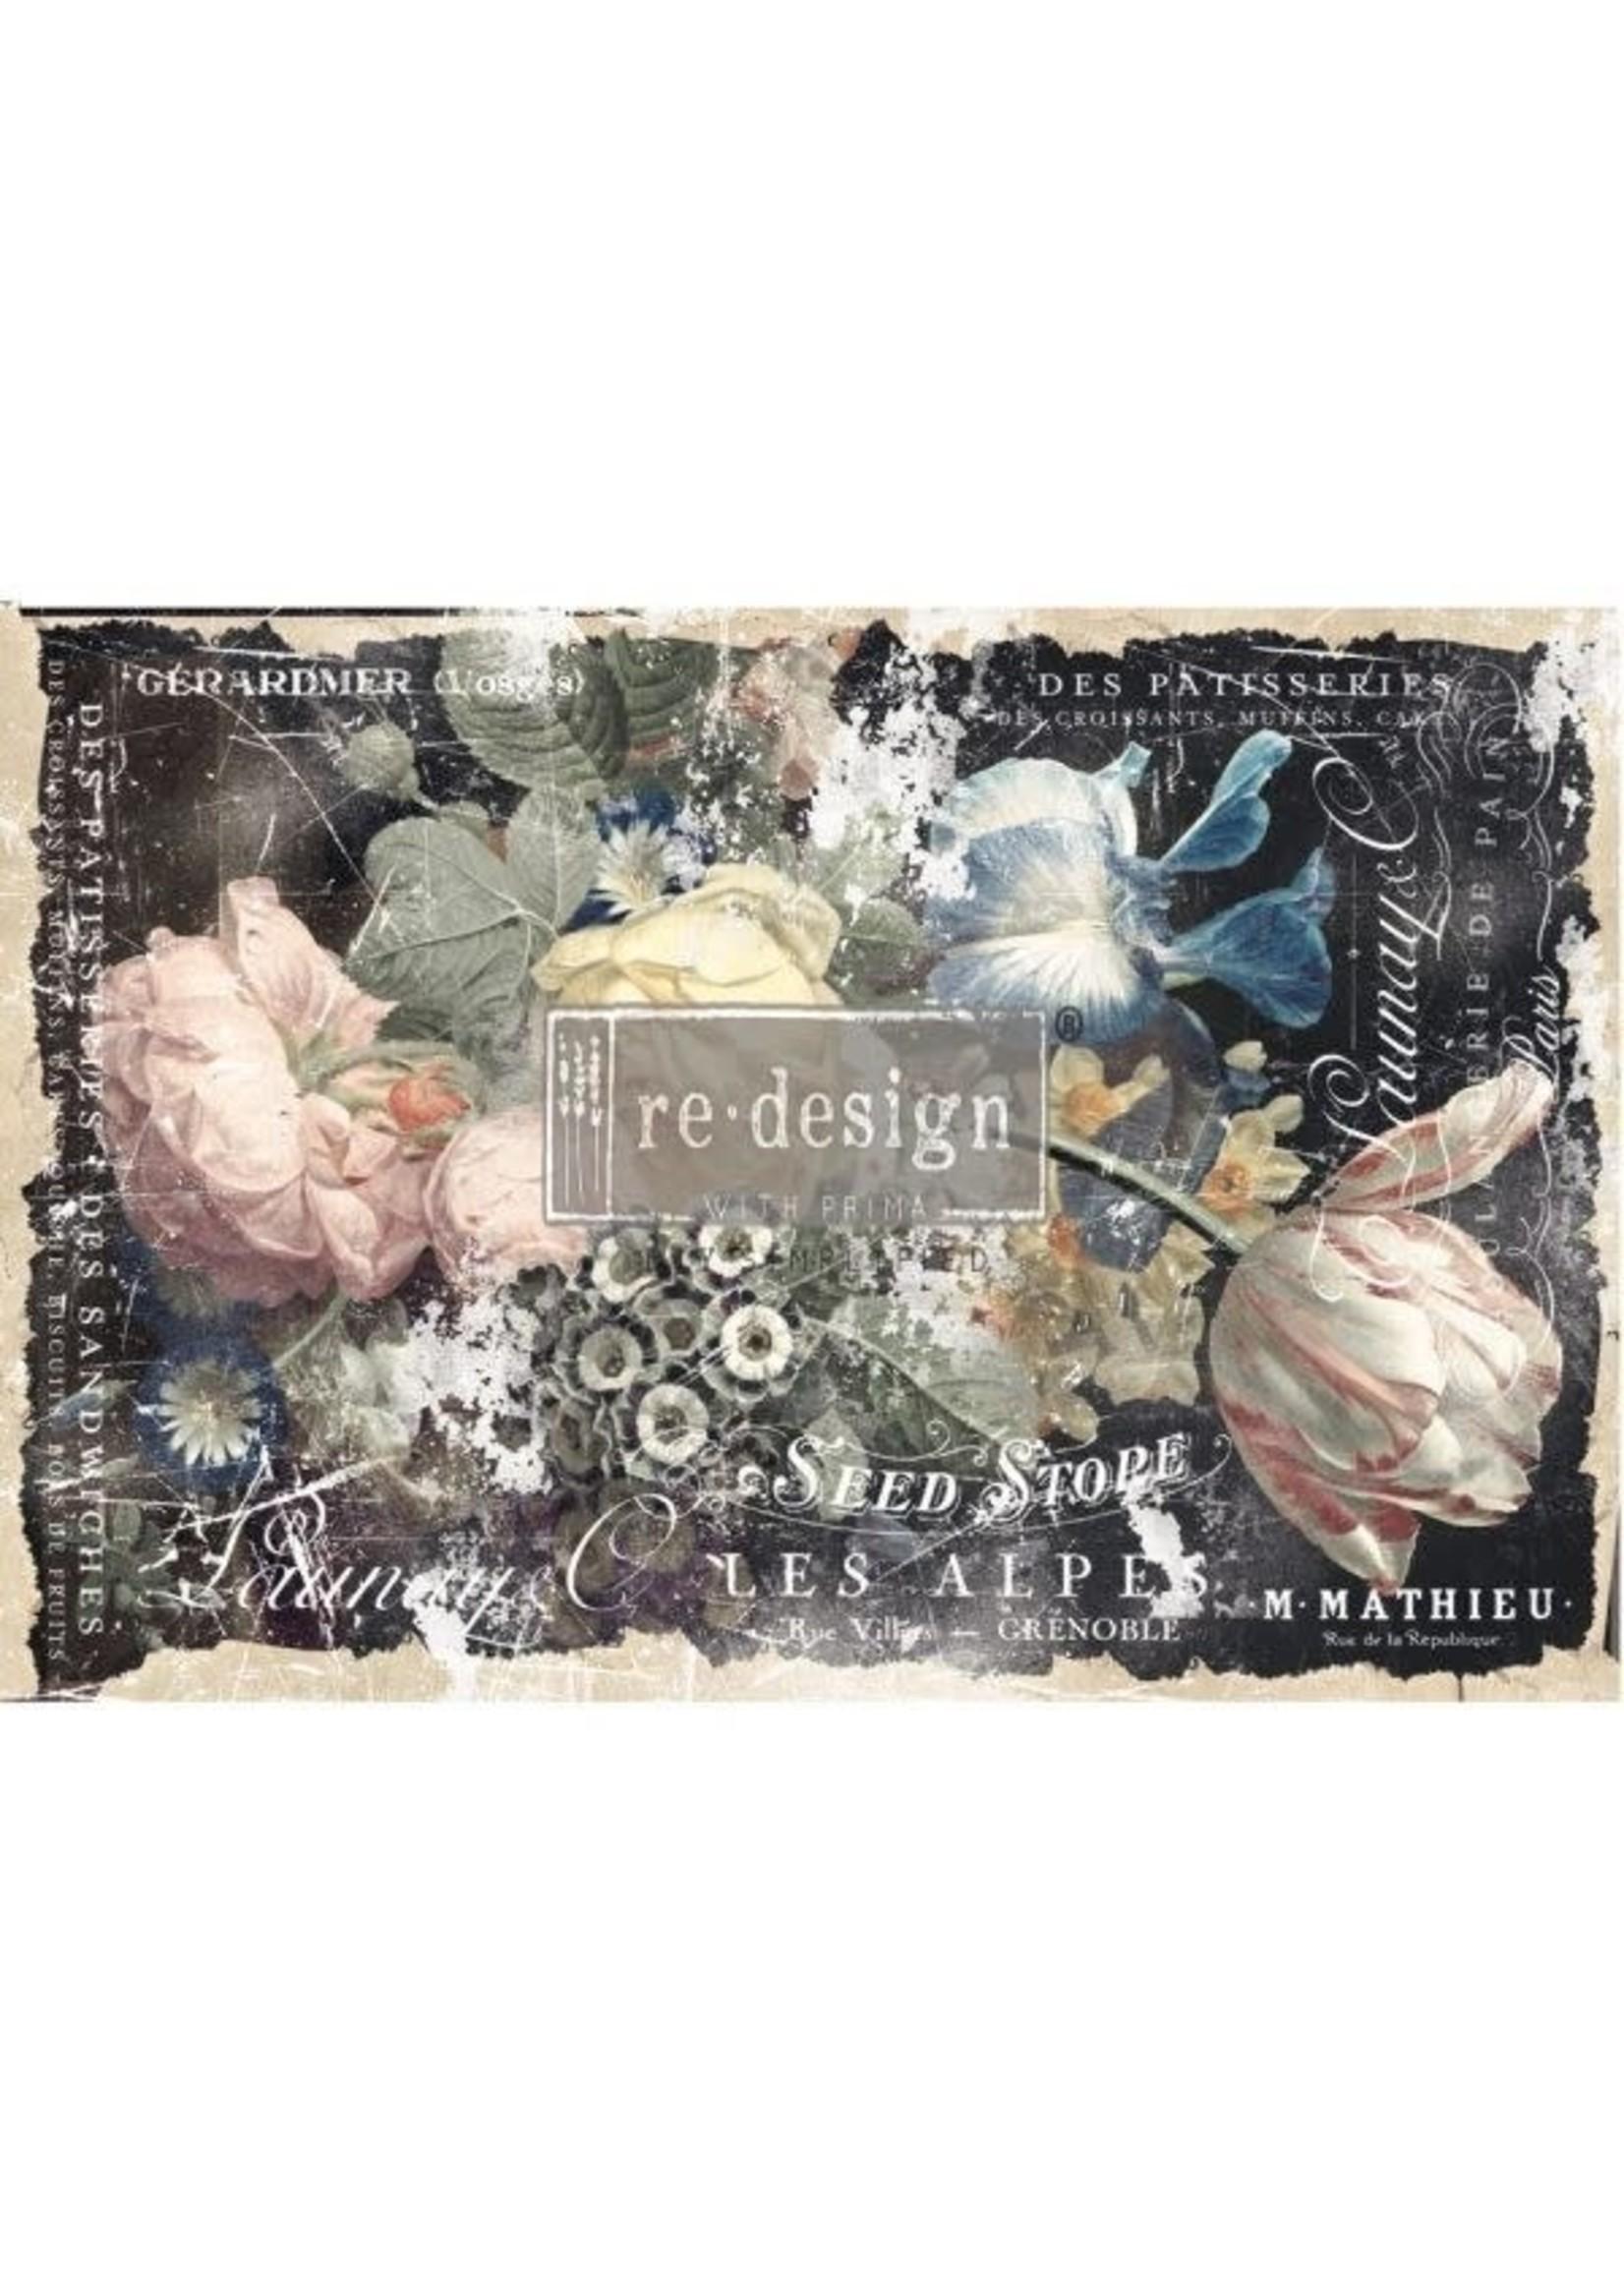 Re-Design with Prima® Bridgette Re·Design with Prima® Decoupage Tissue Paper